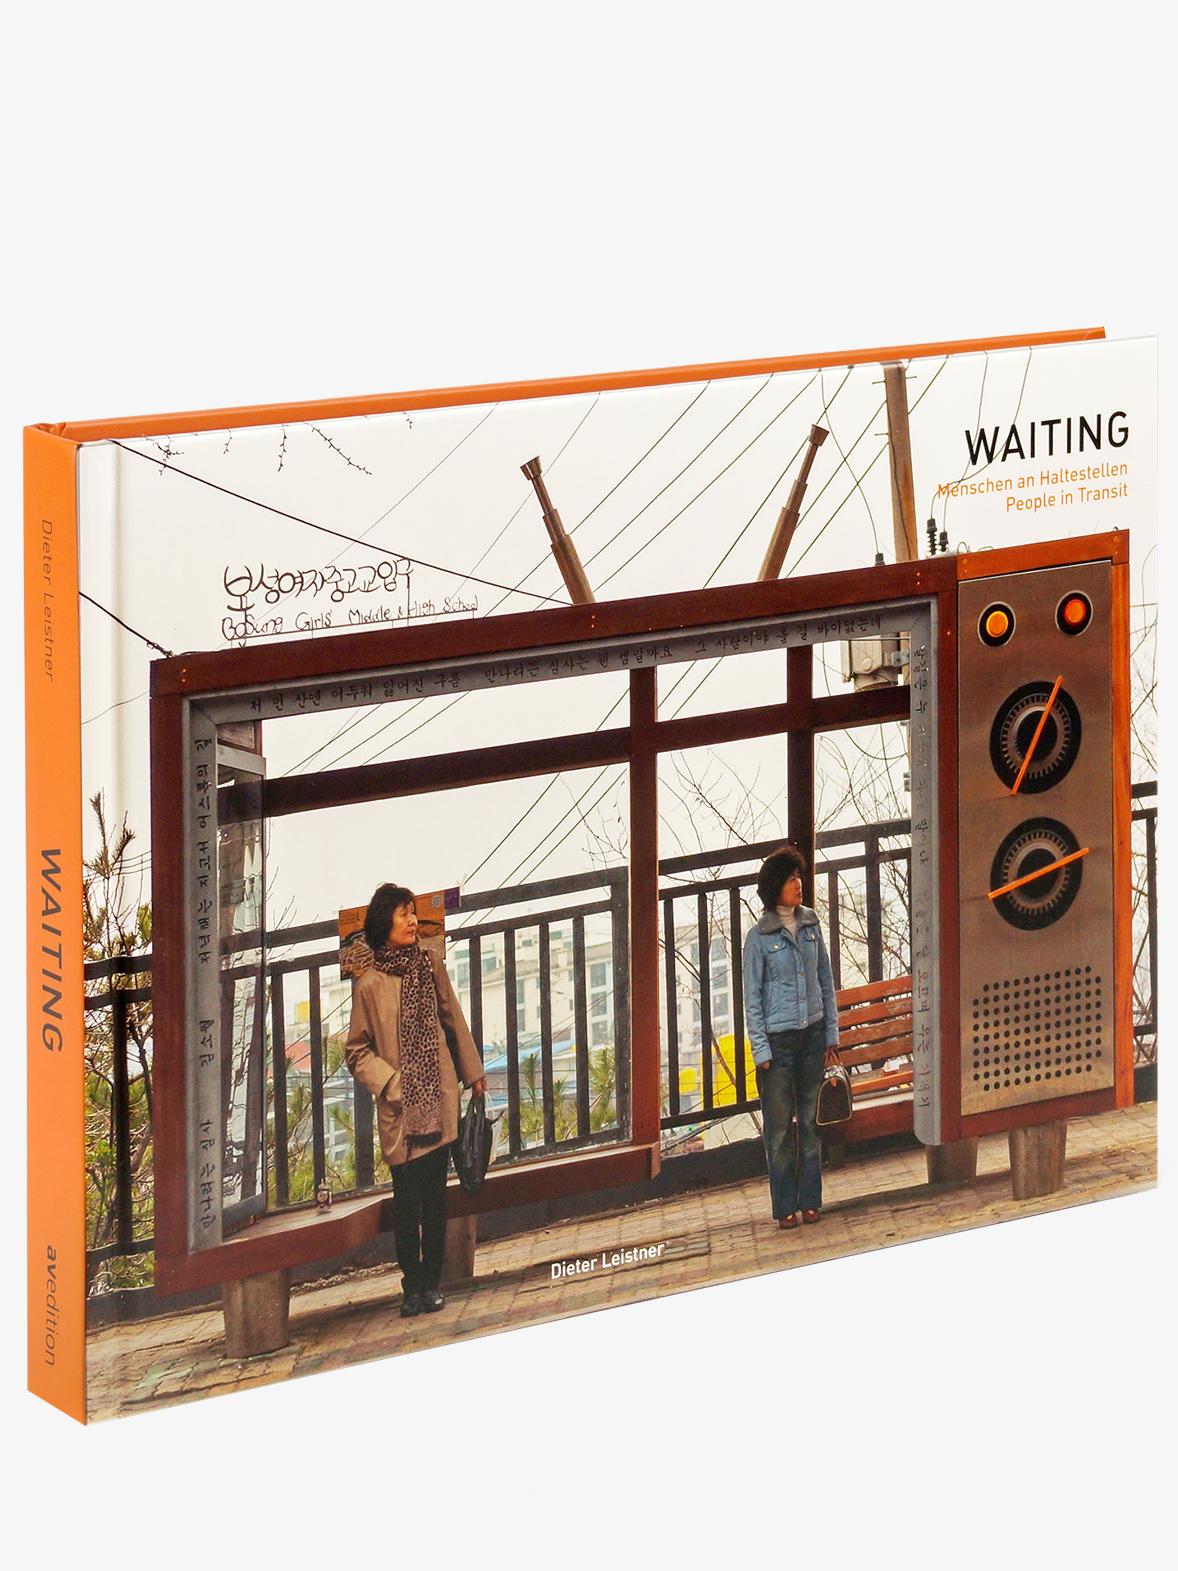 Waiting – Menschen an Haltestellen. People in Transit.